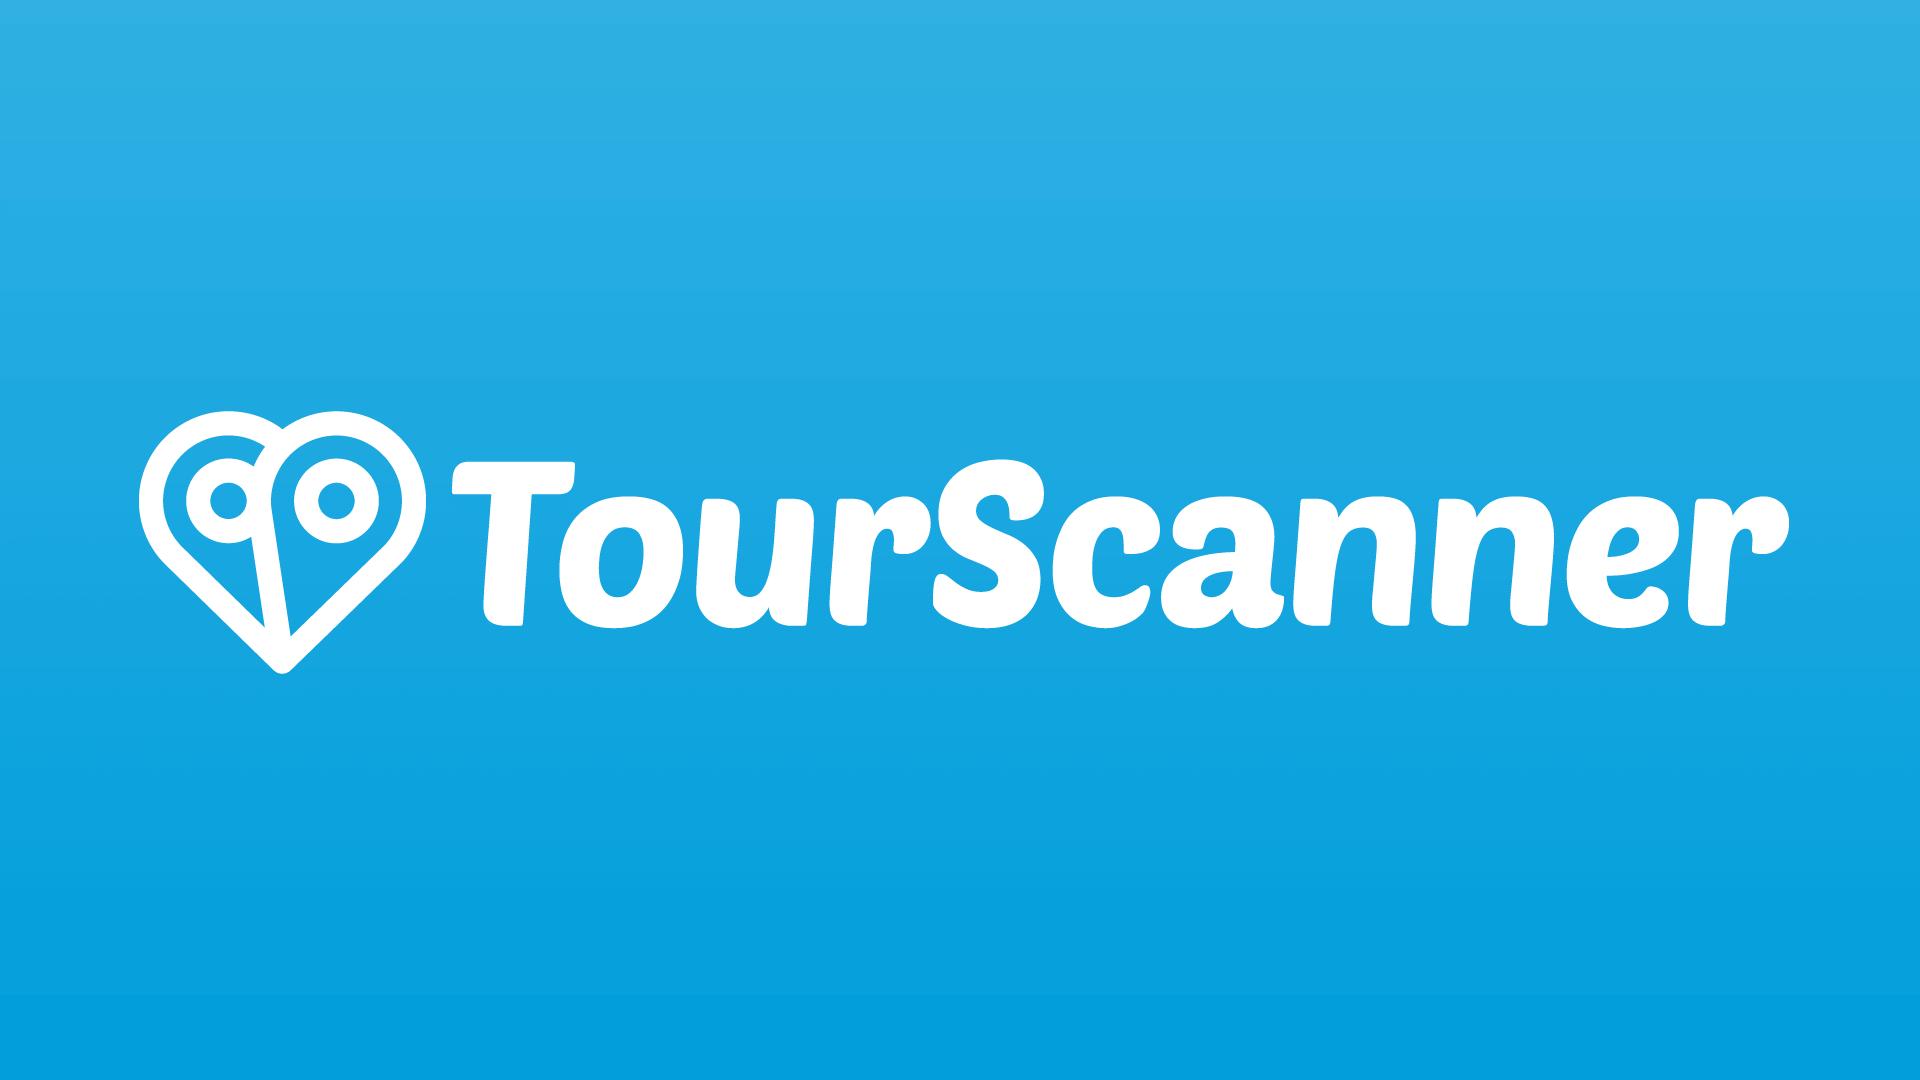 Tourscanner_full-02